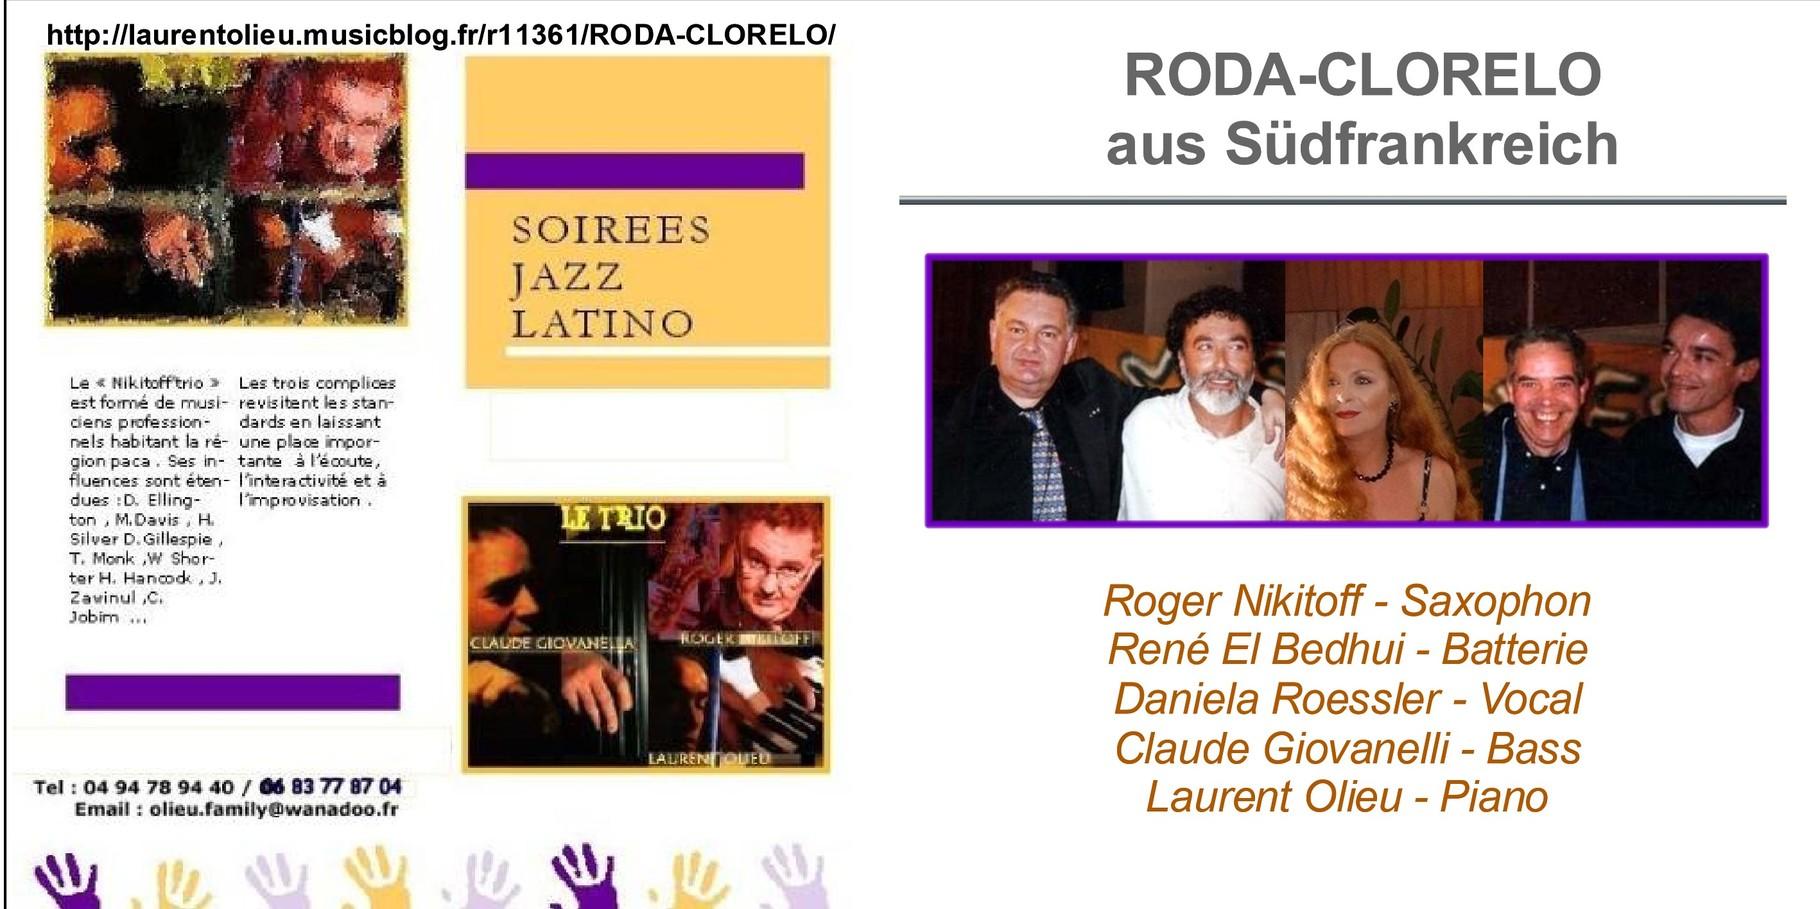 Roda Clorelo - Jazz aus Südfrankreich